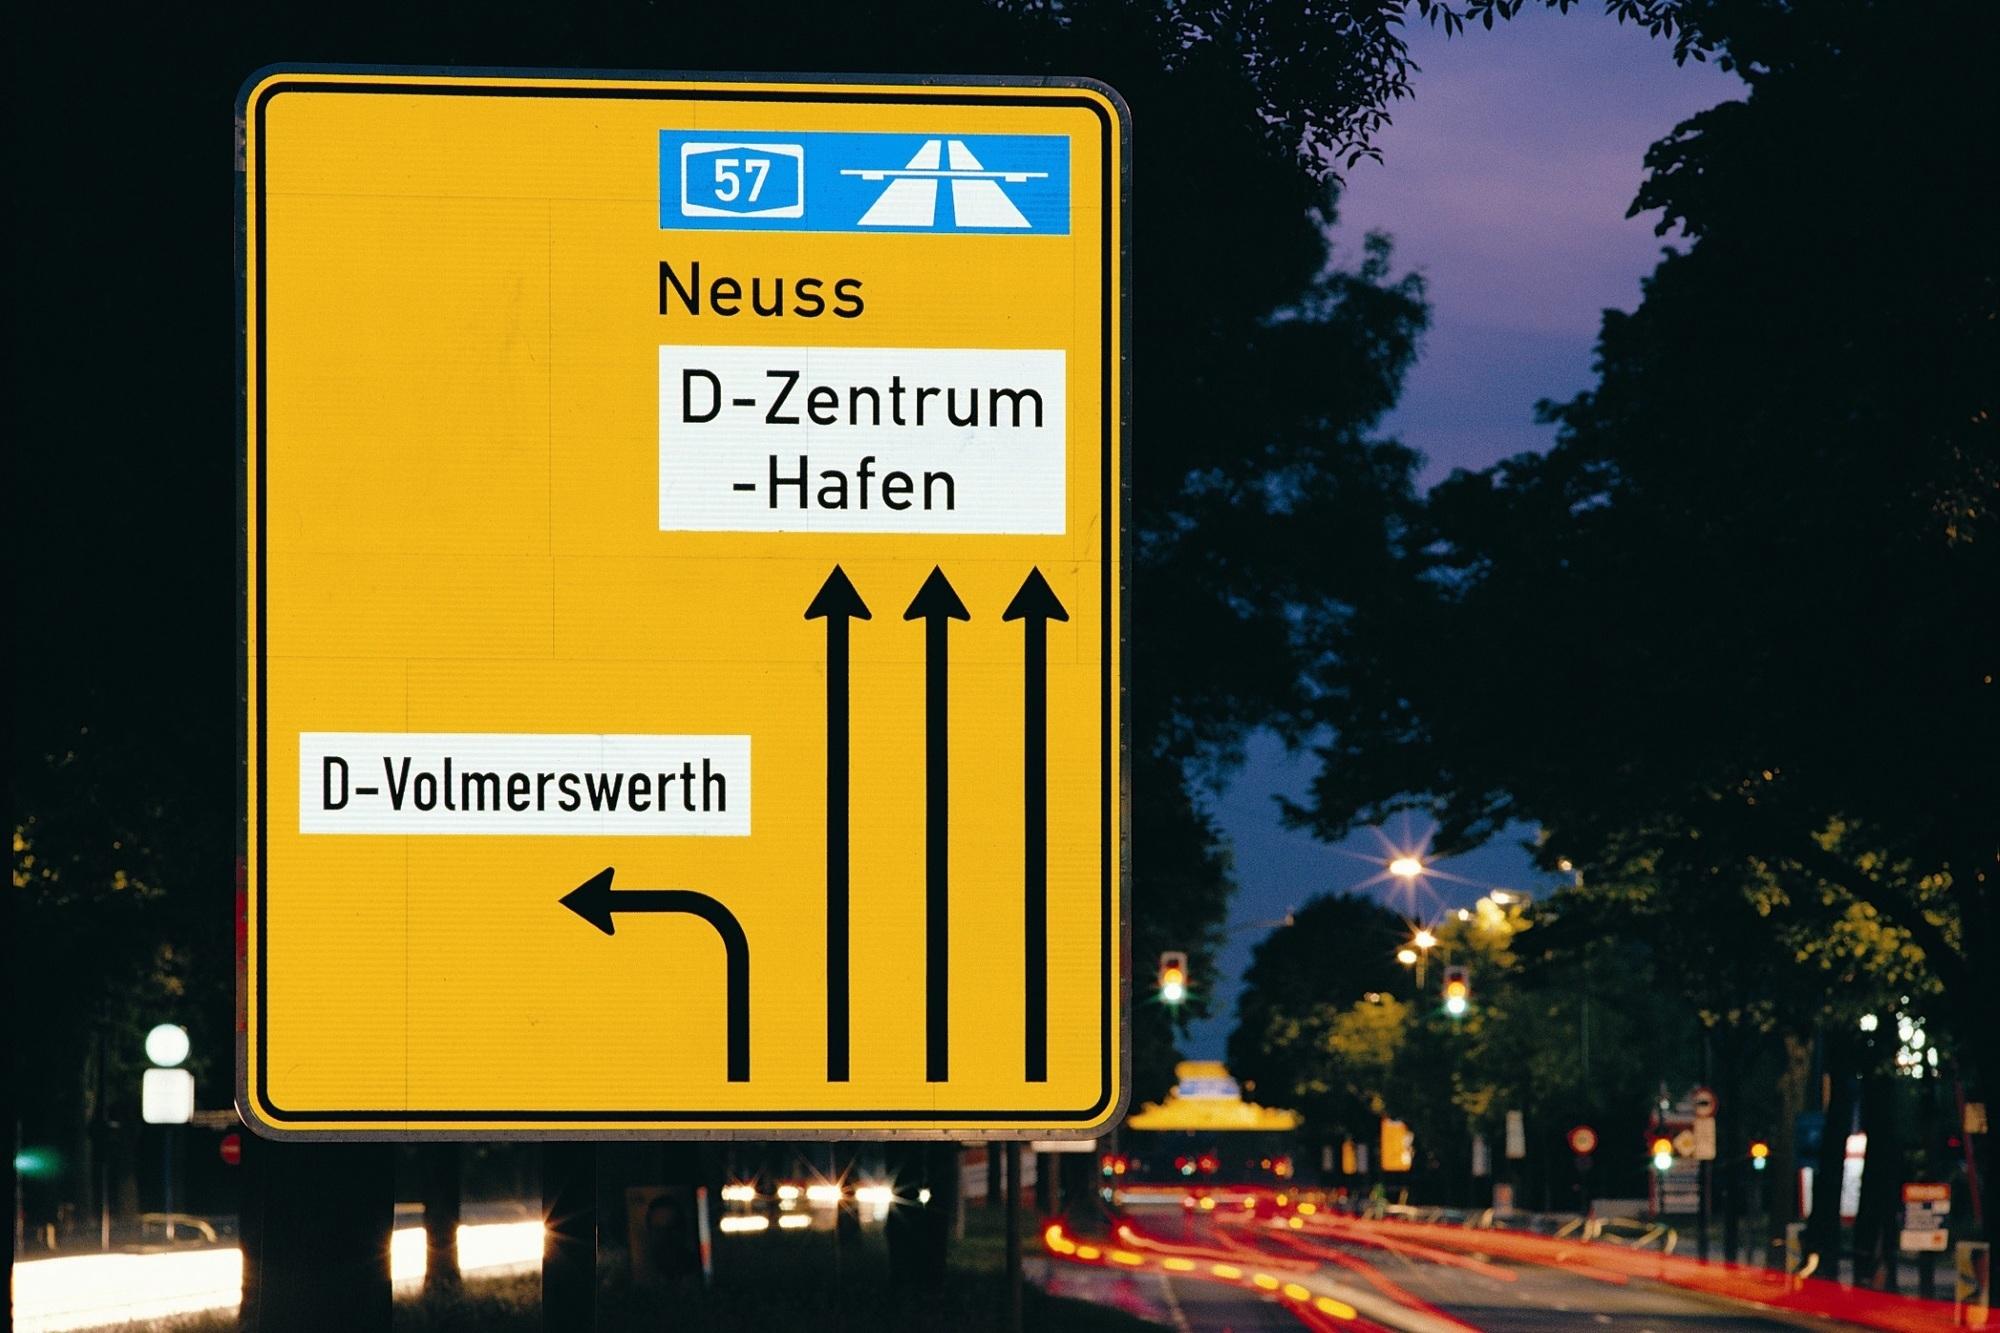 75 Jahre reflektierende Verkehrsschilder - Ende der blinden Regelbefolgung